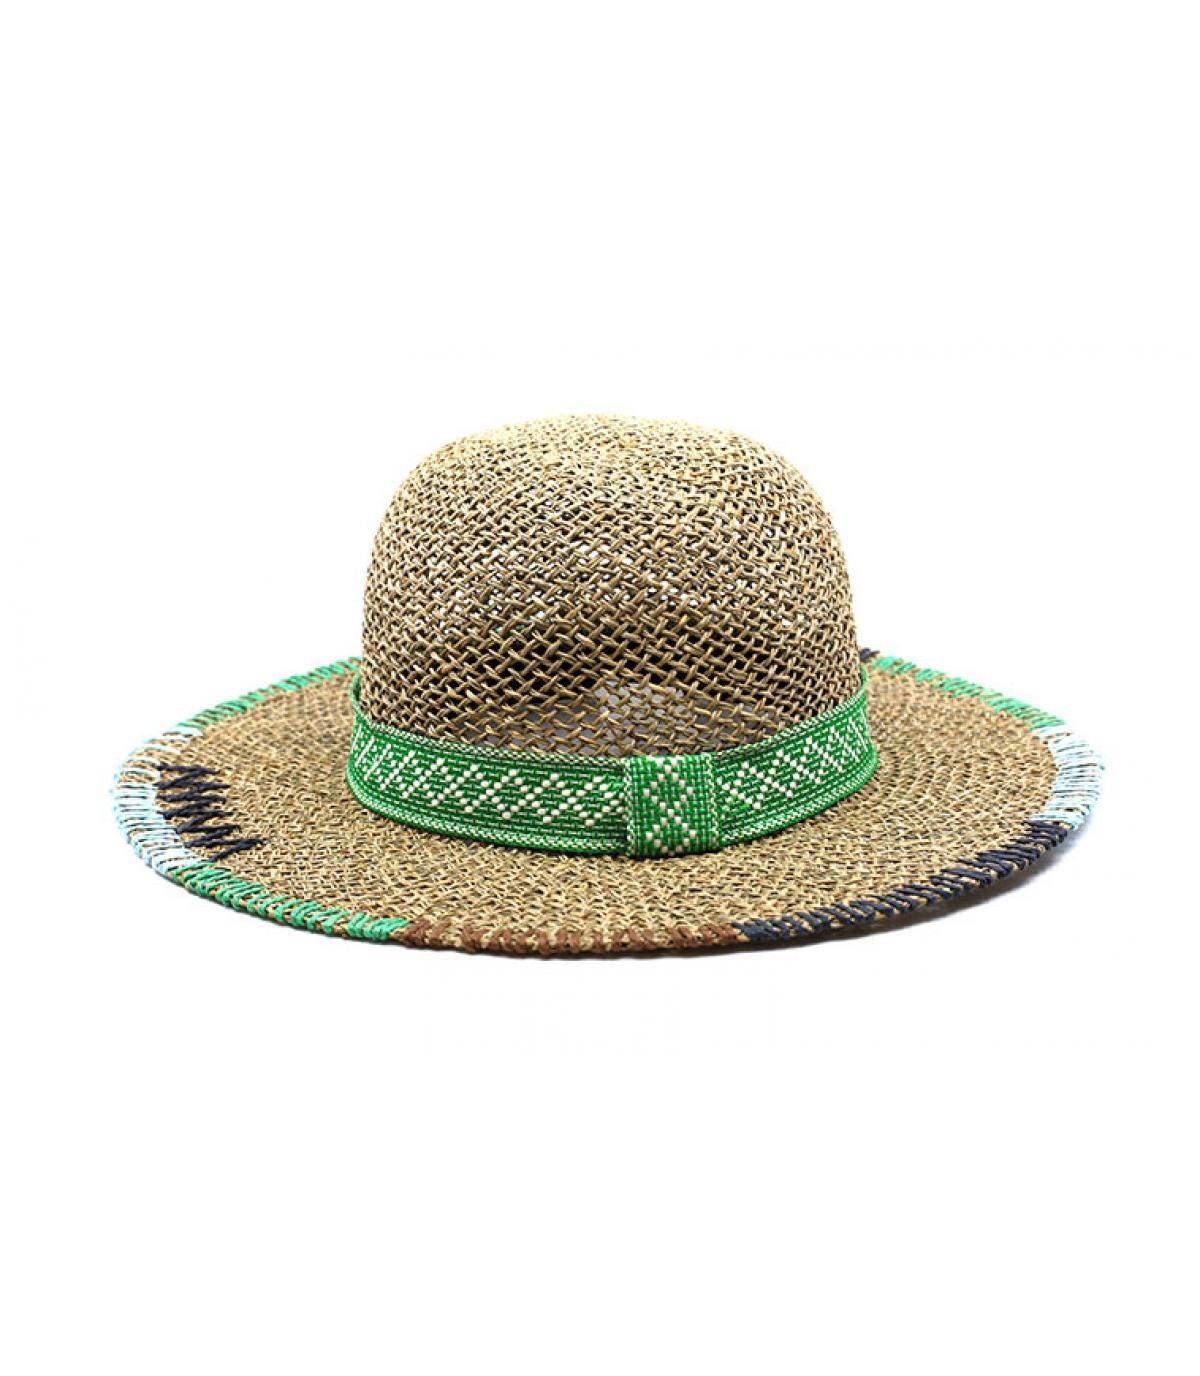 Capeline Strohhut beige grün